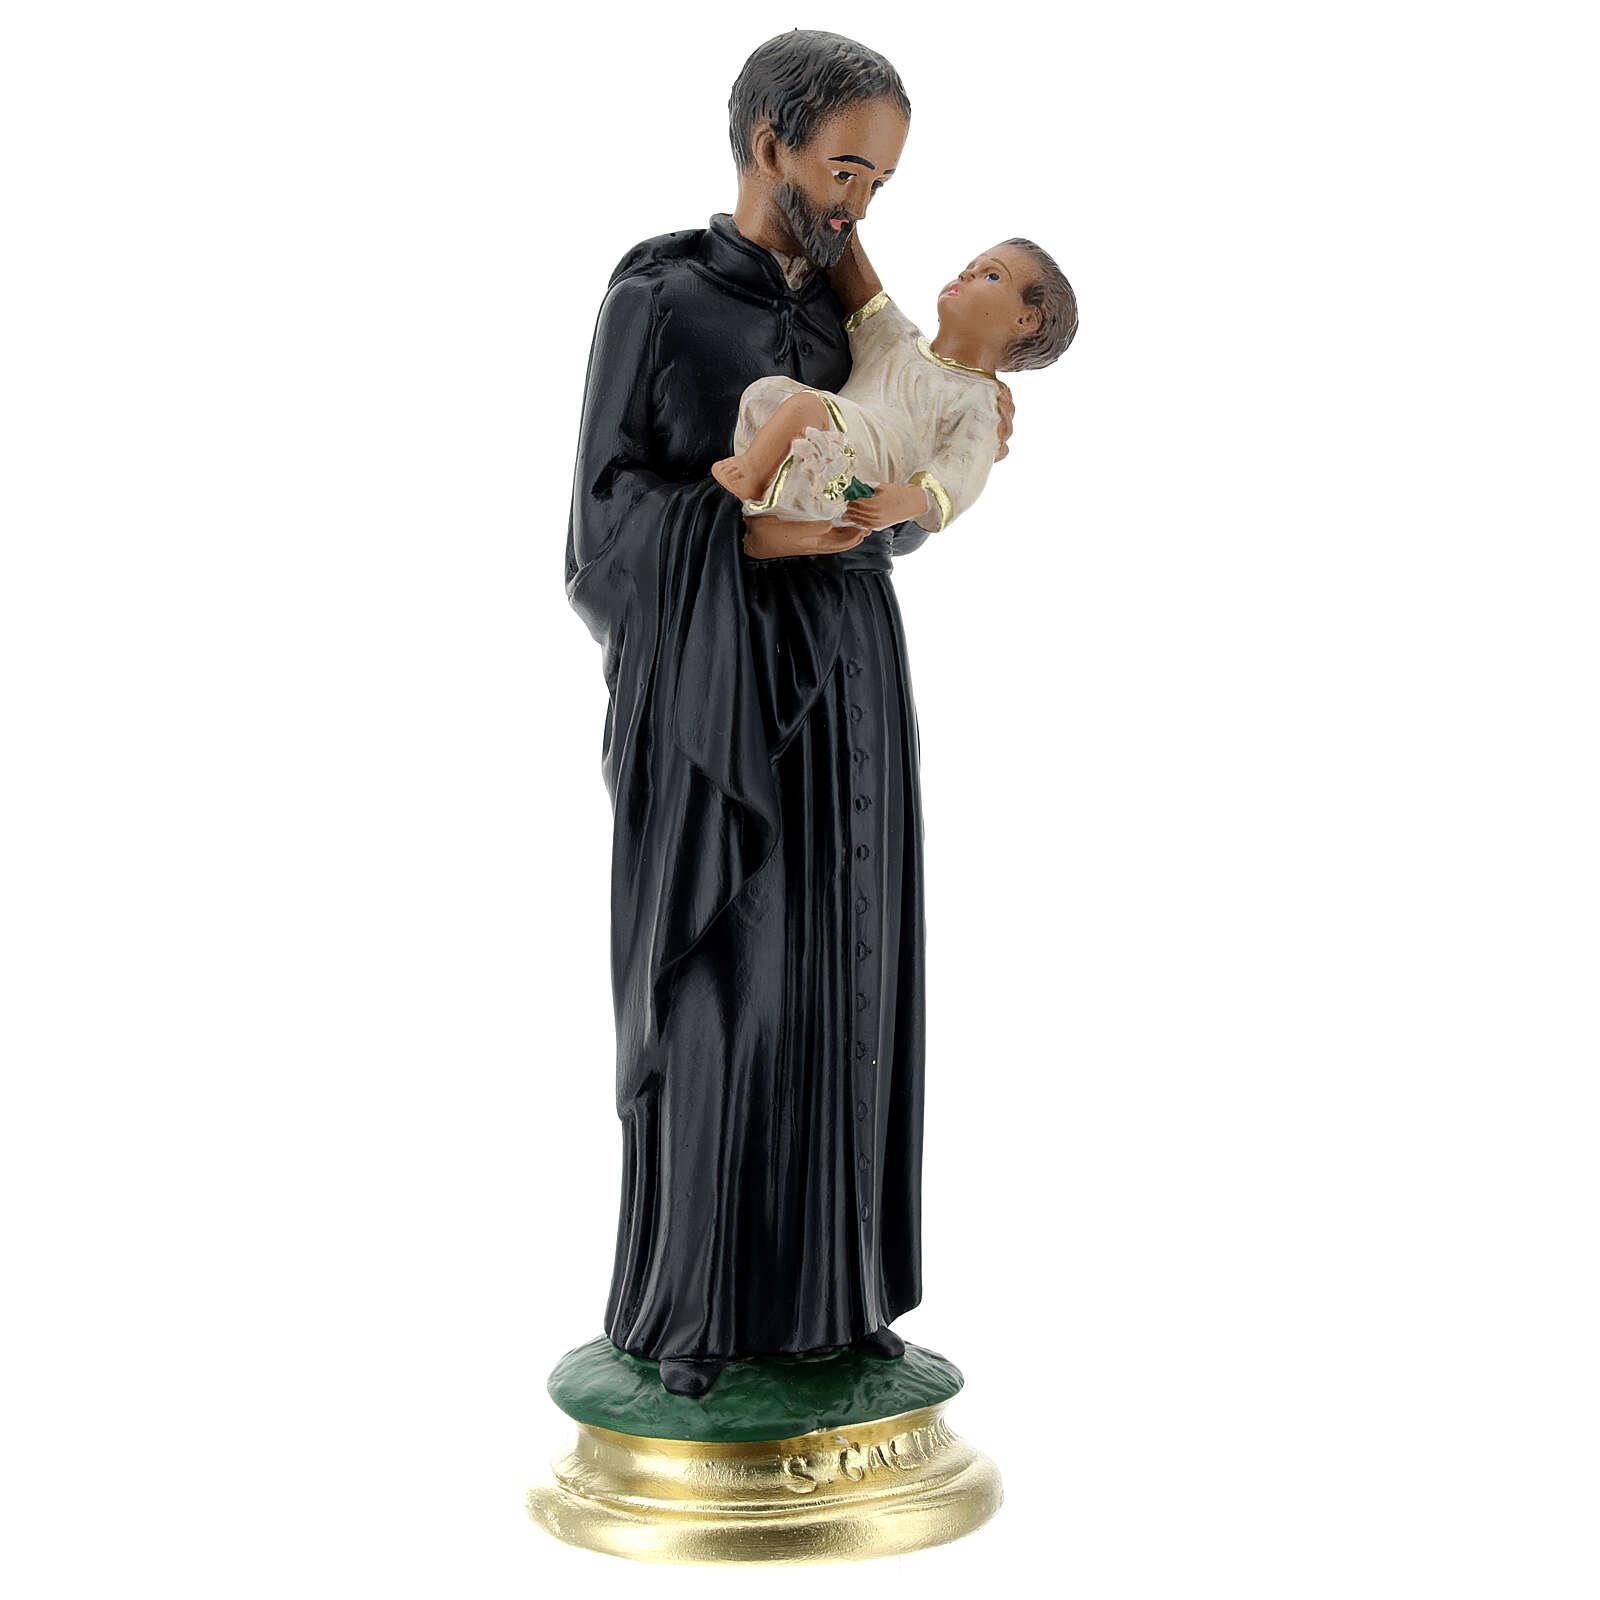 San Gaetano estatua 25 cm yeso pintado a mano Arte Barsanti 4